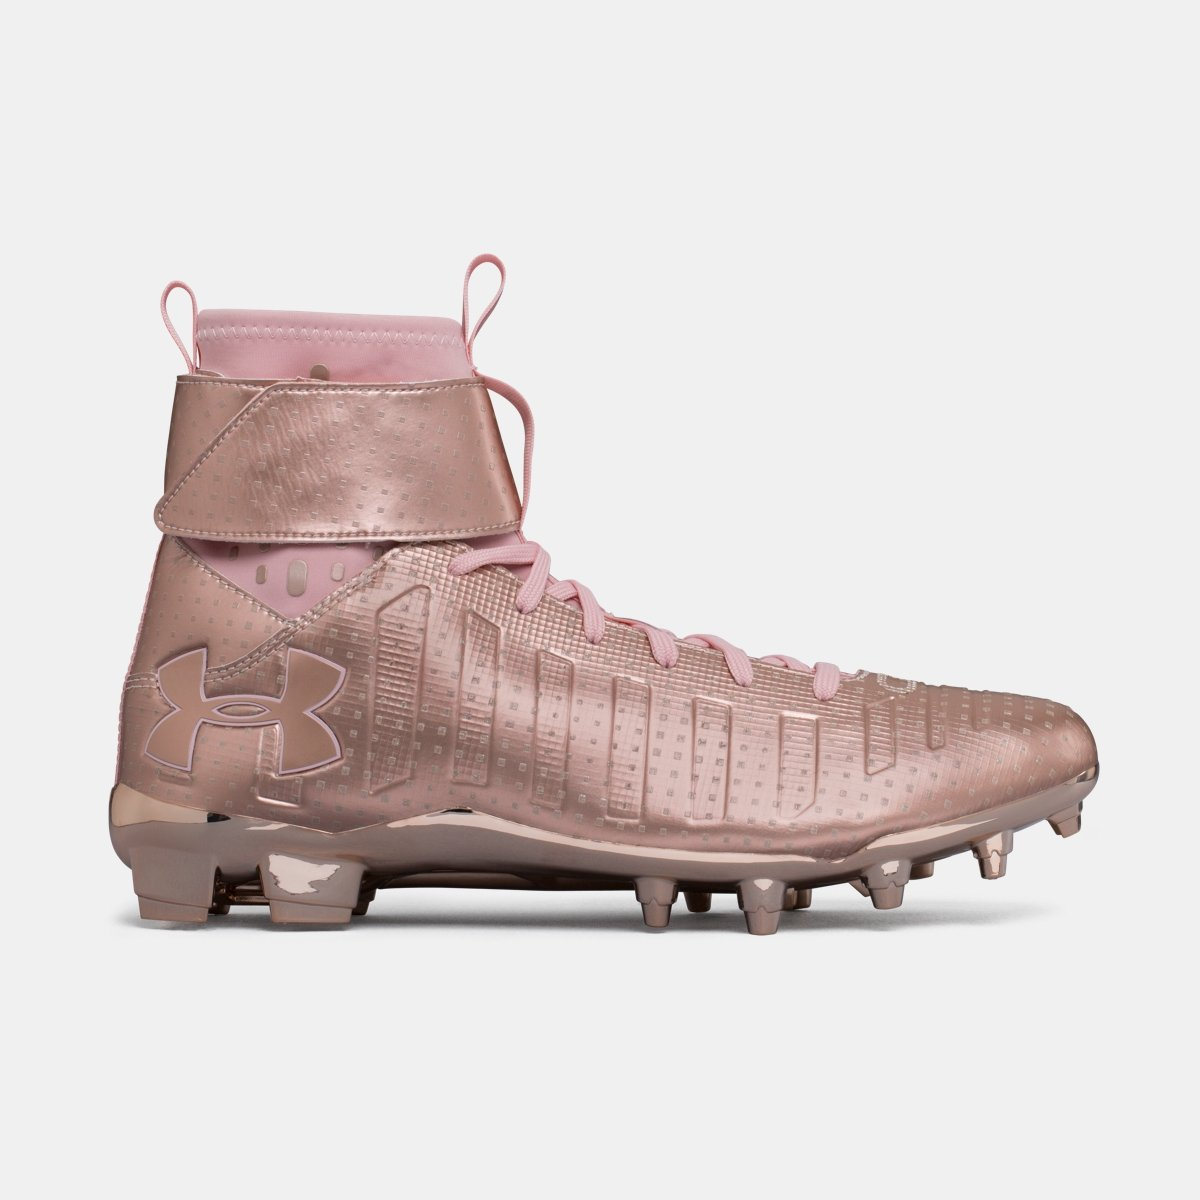 [アンダーアーマー] メンズ UA C1N MC Football Cleats ― Limited Edition [並行輸入品] B074WPDFSG Metallic Gold 28.0 cm 28.0 cm|Metallic Gold